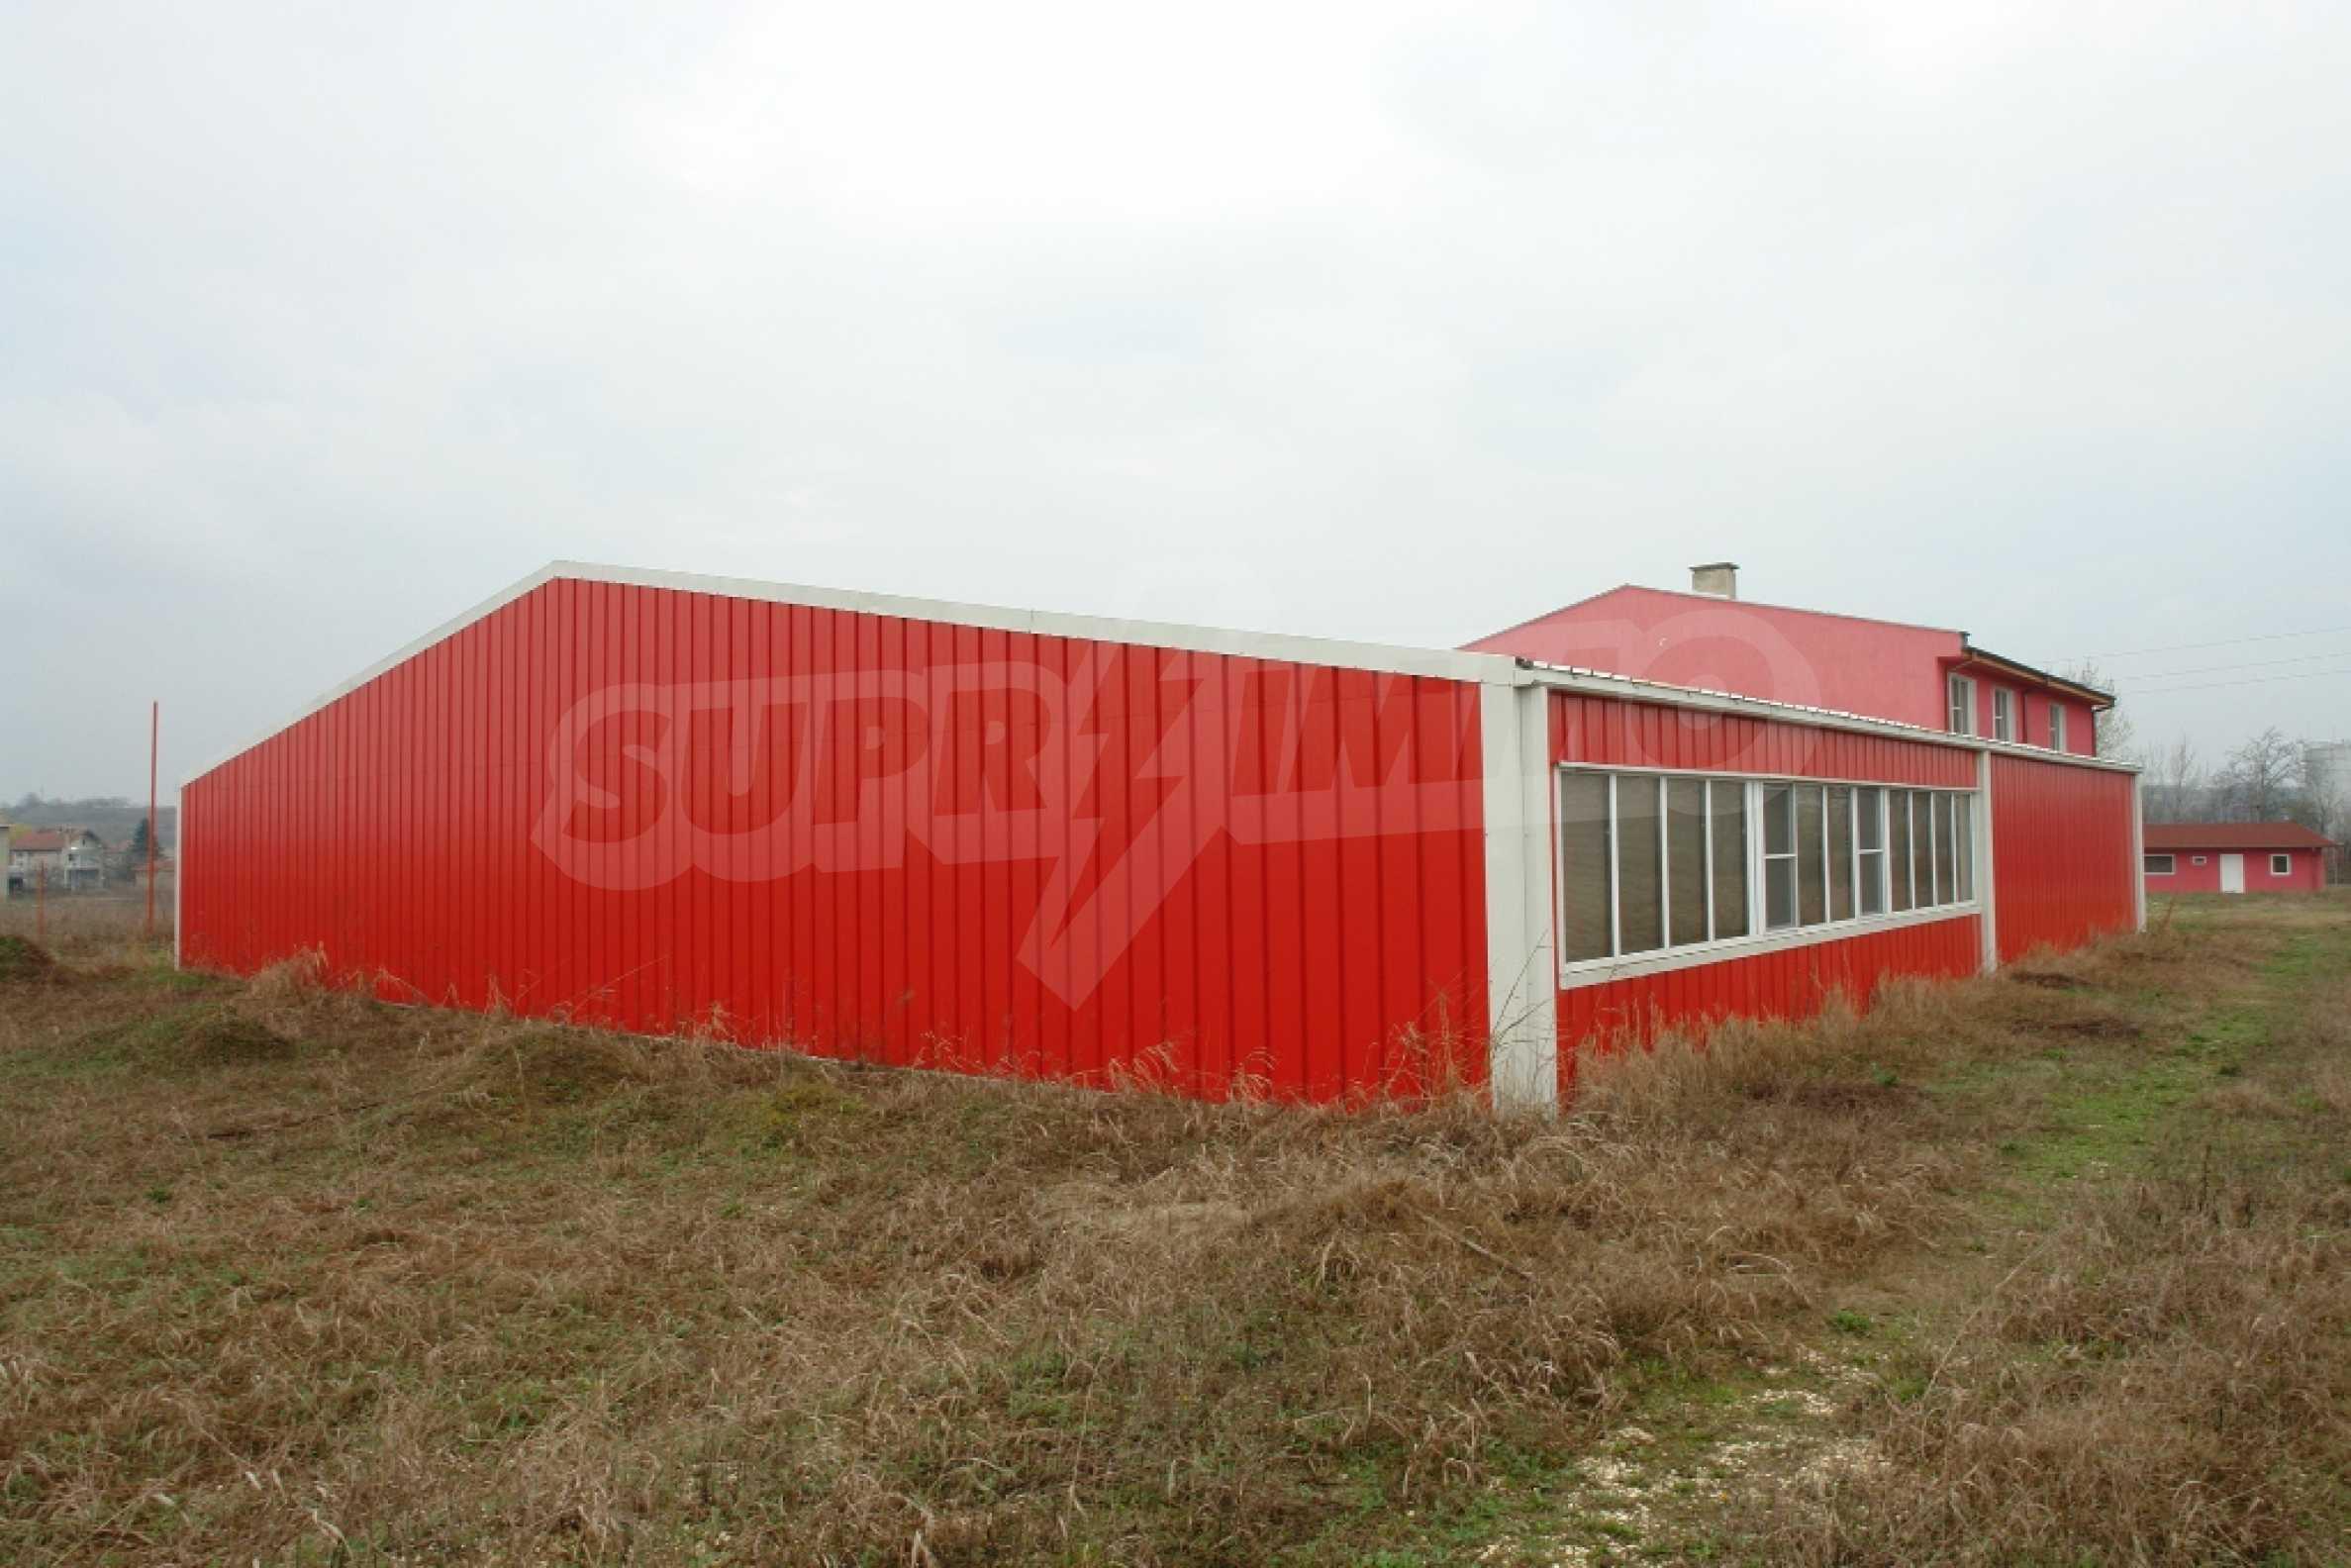 Индустриално-пакетажна база в град Мартен, Русенска област 1